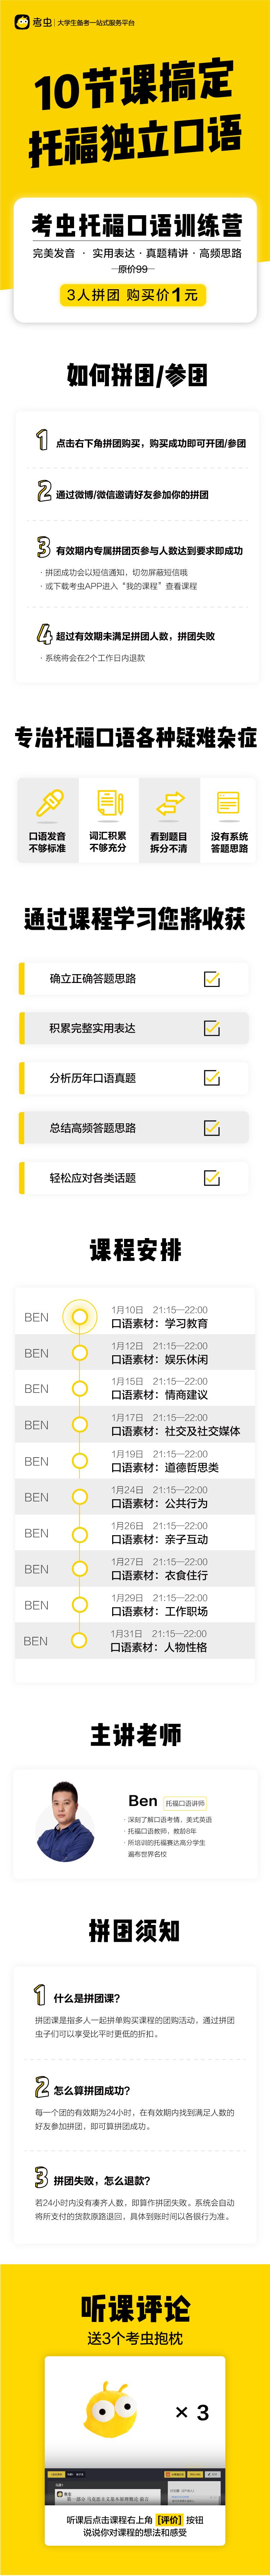 托福口语拼团训练营详情页.png